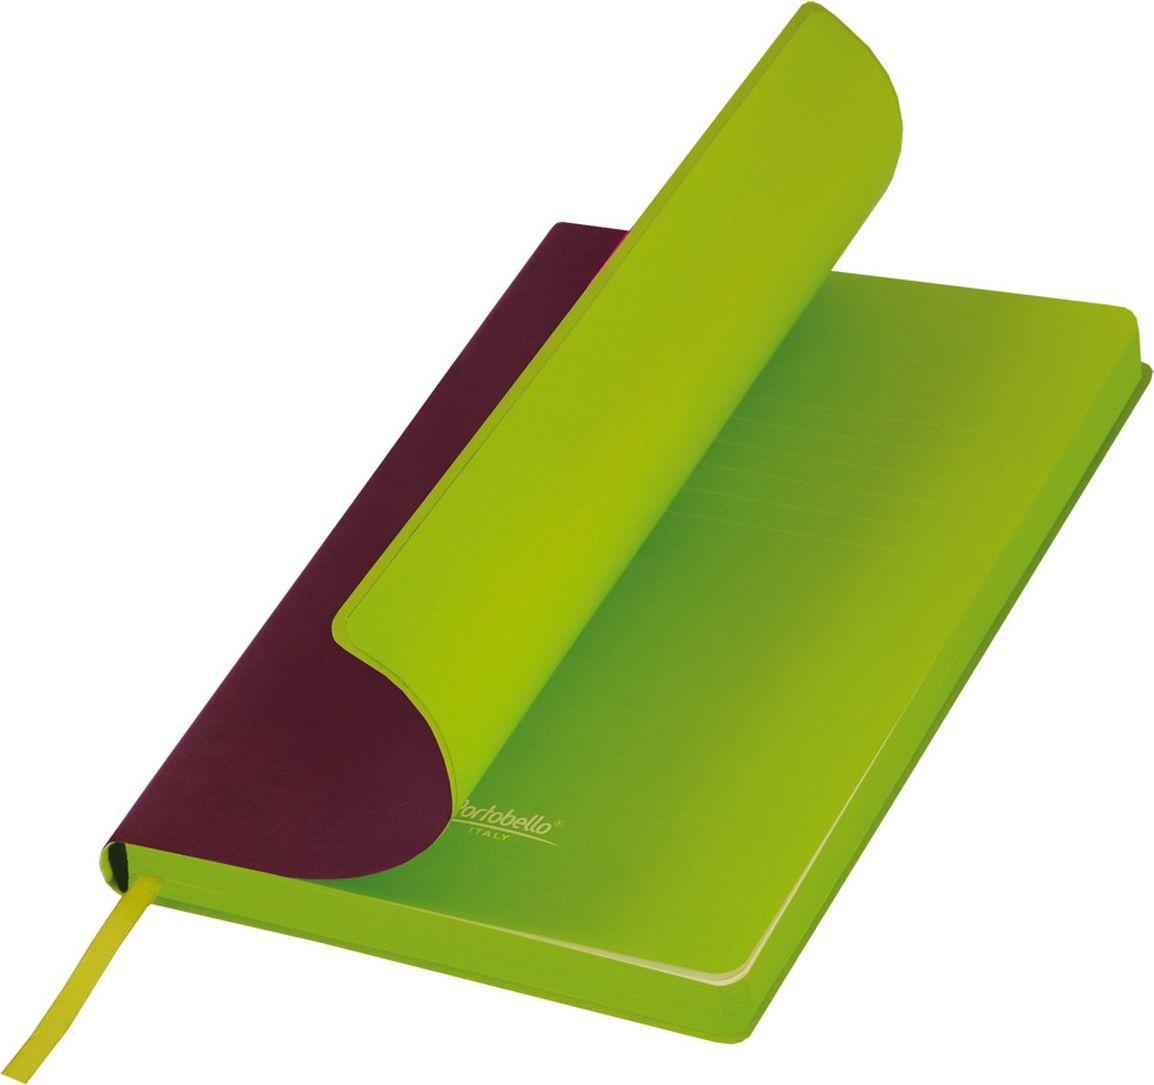 Portobello Trend Ежедневник недатированный Latte 128 листов цвет бордовый лимонныйLXX1501254-050/1Мягкая матовая обложка выполнена из бархатистой искусственной кожи. Цвет – однородный, глубокий, слегка припудренный. На ощупь – теплая, слегка прорезиненная. Яркая находка – контрастное сочетание обложки и среза. Цвет форзаца и цвет среза – совпадают. Есть ляссе.